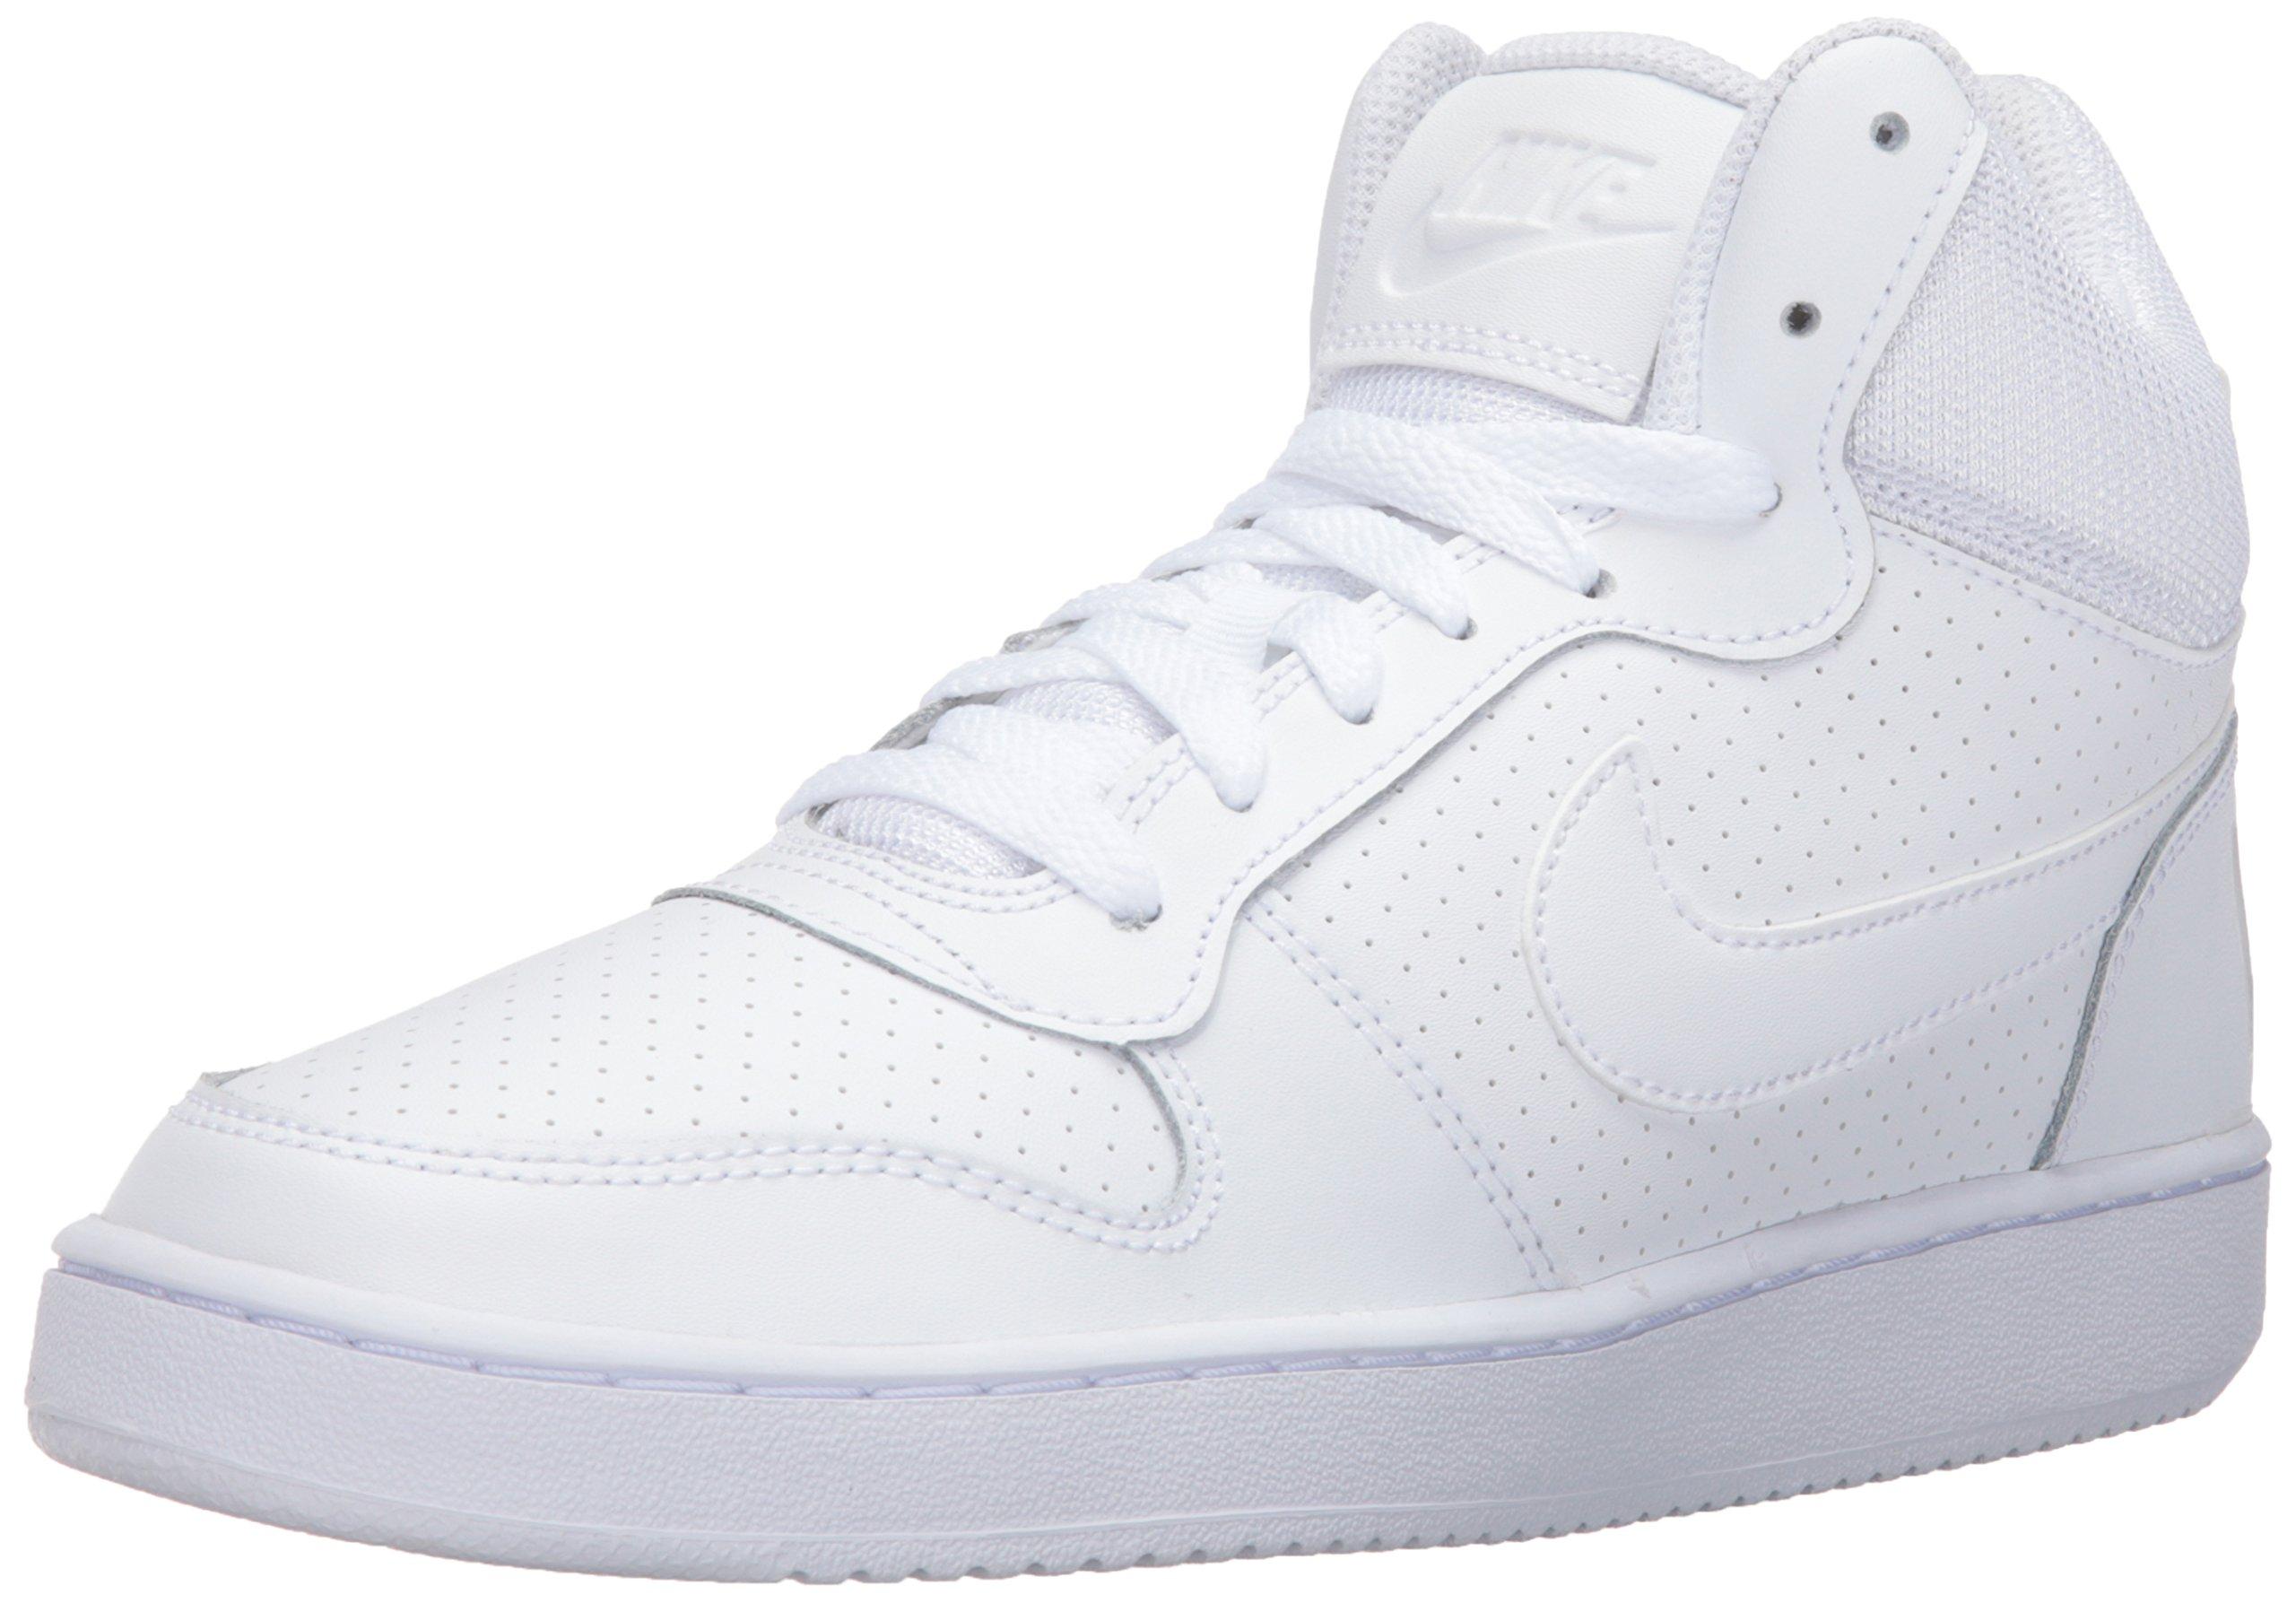 NIKE Women's Court Borough Mid Sneaker, White/White/White, 9.5 B(M) US